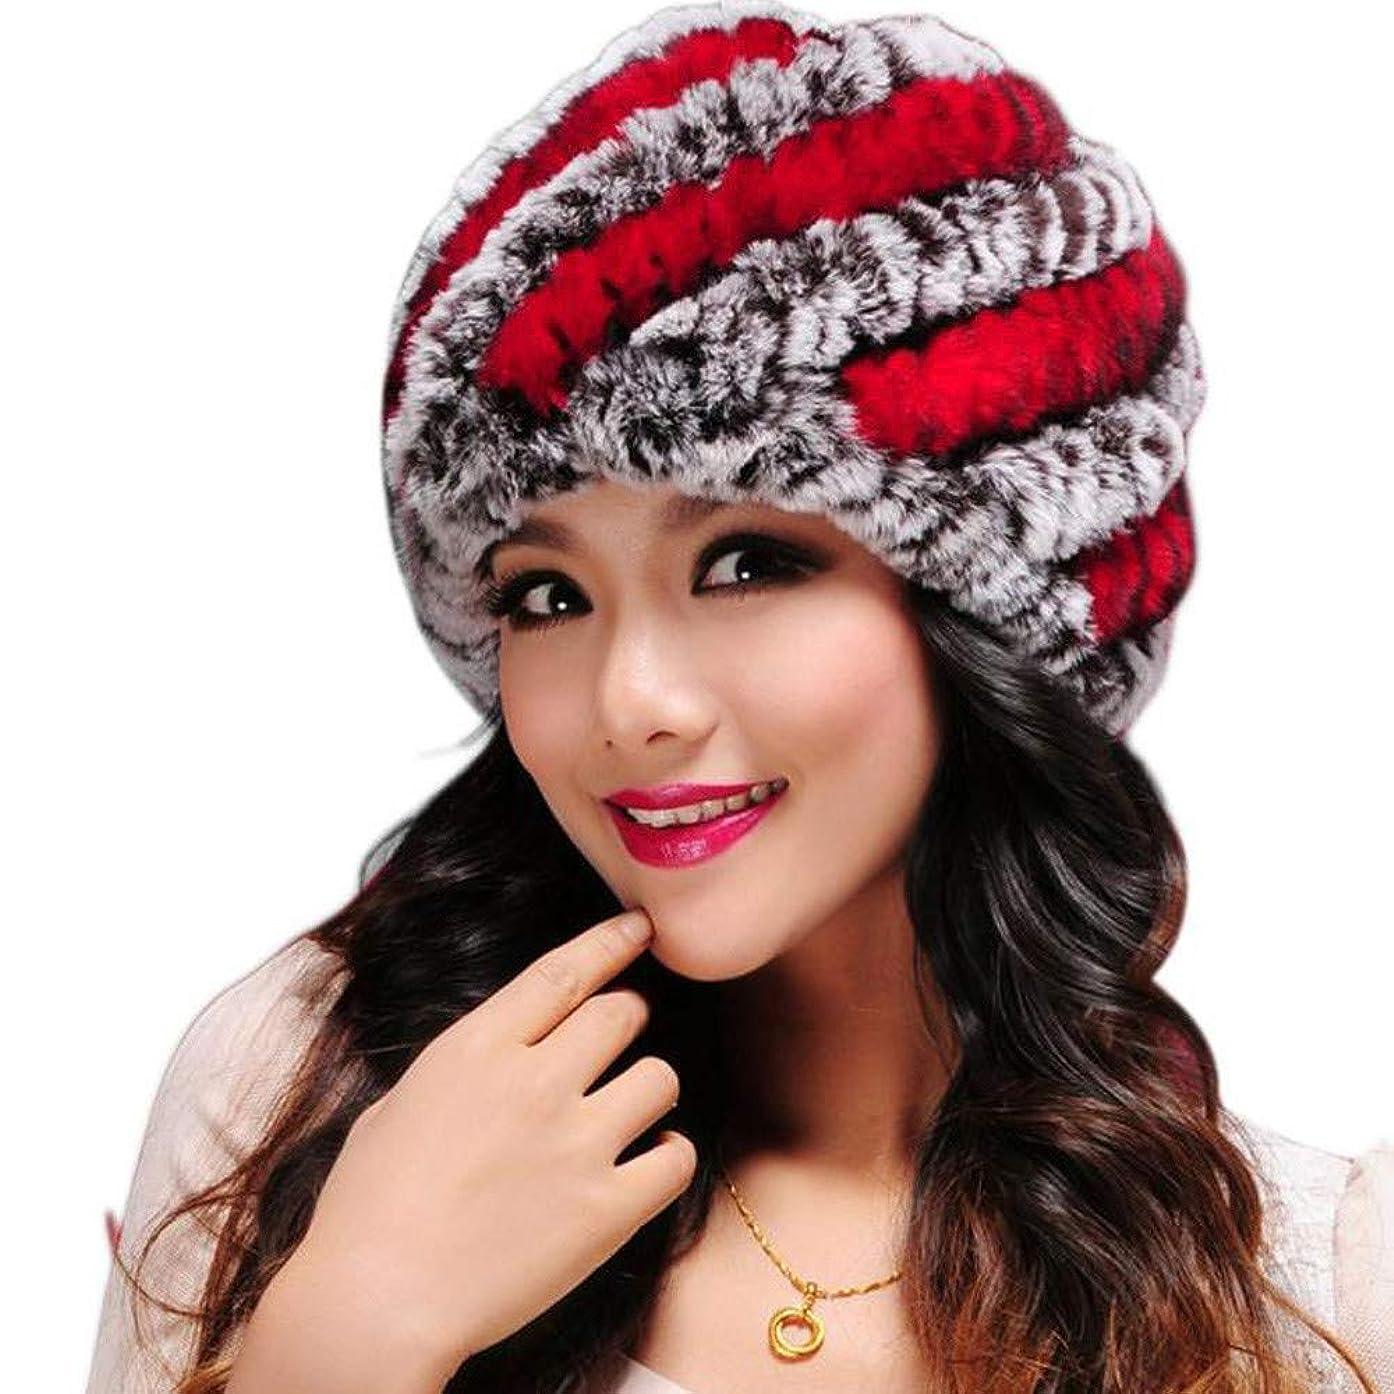 パウダークスコペットRacazing Hat 選べる5色 編み物 レックスウサギの髪 ニット帽 ストライプ 防寒対策 通気性のある 防風 ニット帽 暖かい 軽量 屋外 医療用帽子 スキー 自転車 クリスマス Unisex Cap 男女兼用 (レッド)